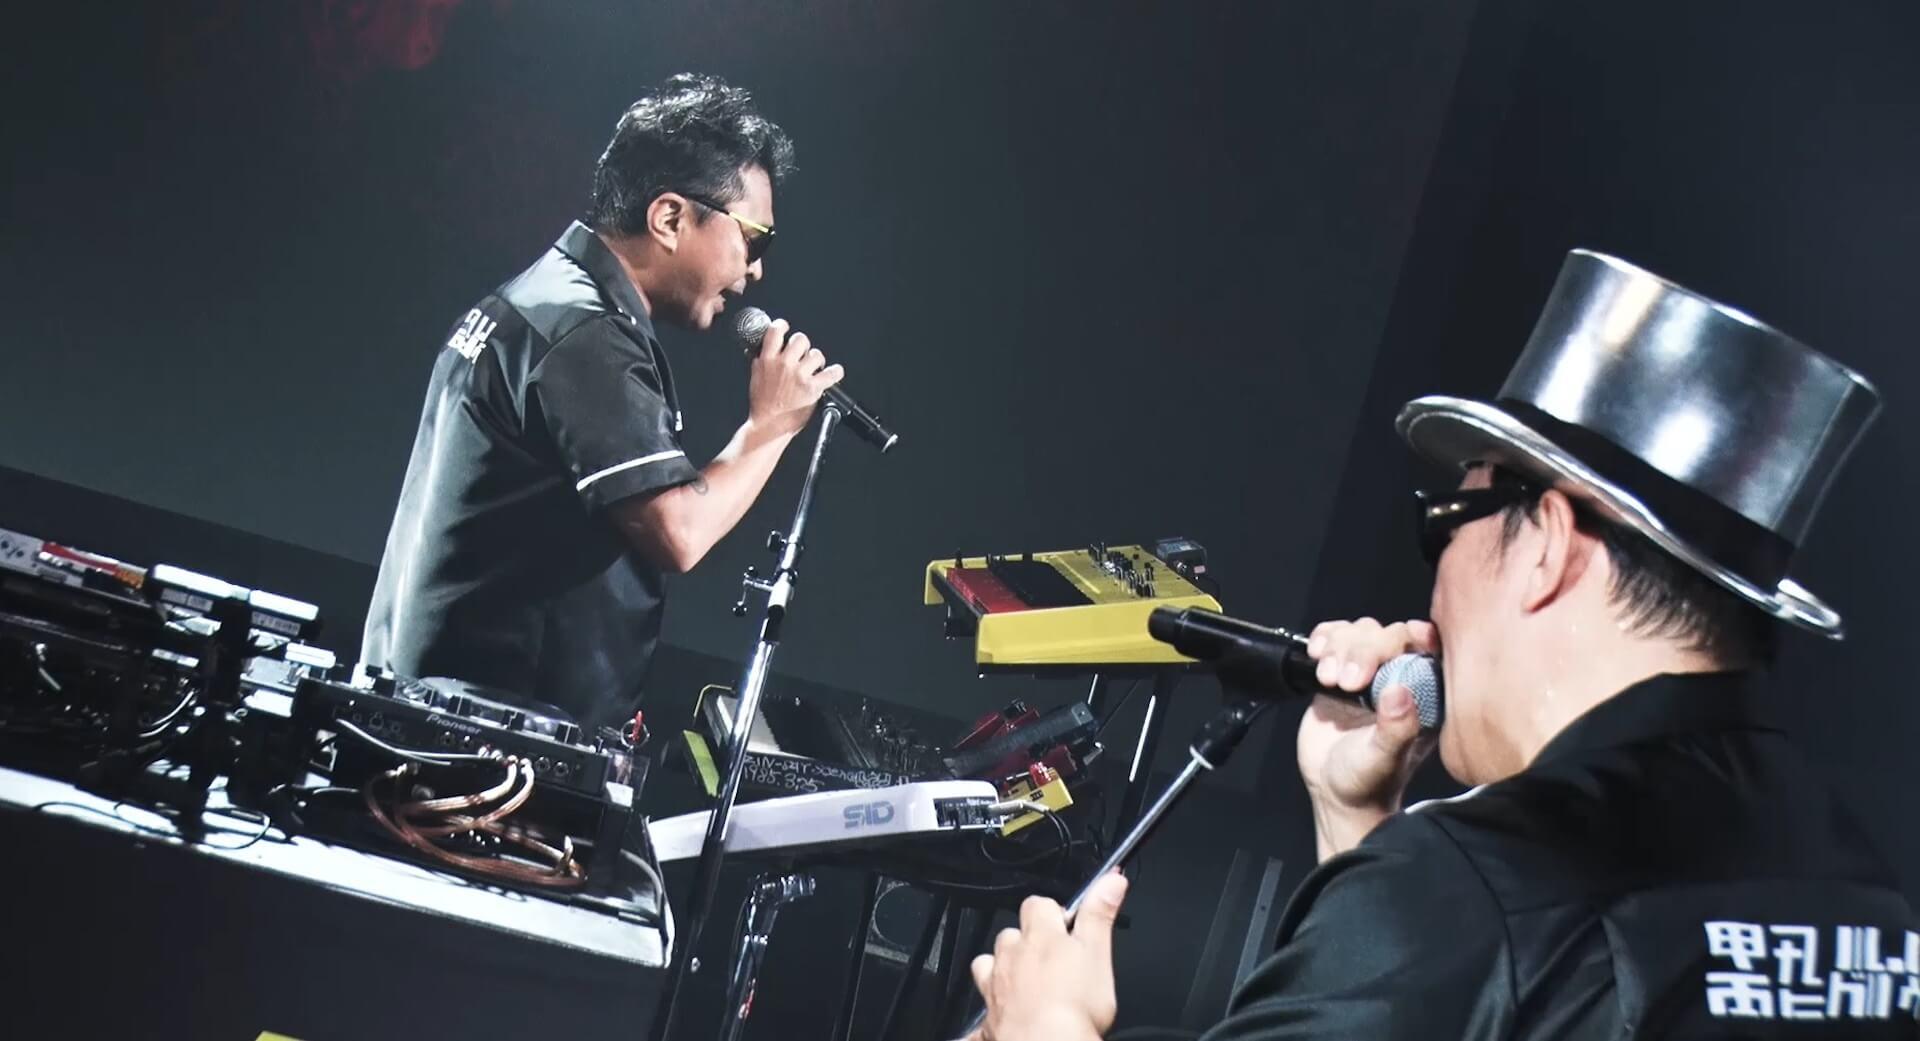 """電気グルーヴのファンクラブ限定ライブで披露された""""Set you Free""""のライブ映像がYouTubeにて公開!ライブ開催記念グッズも発売中 music201209_denkigroove_2"""